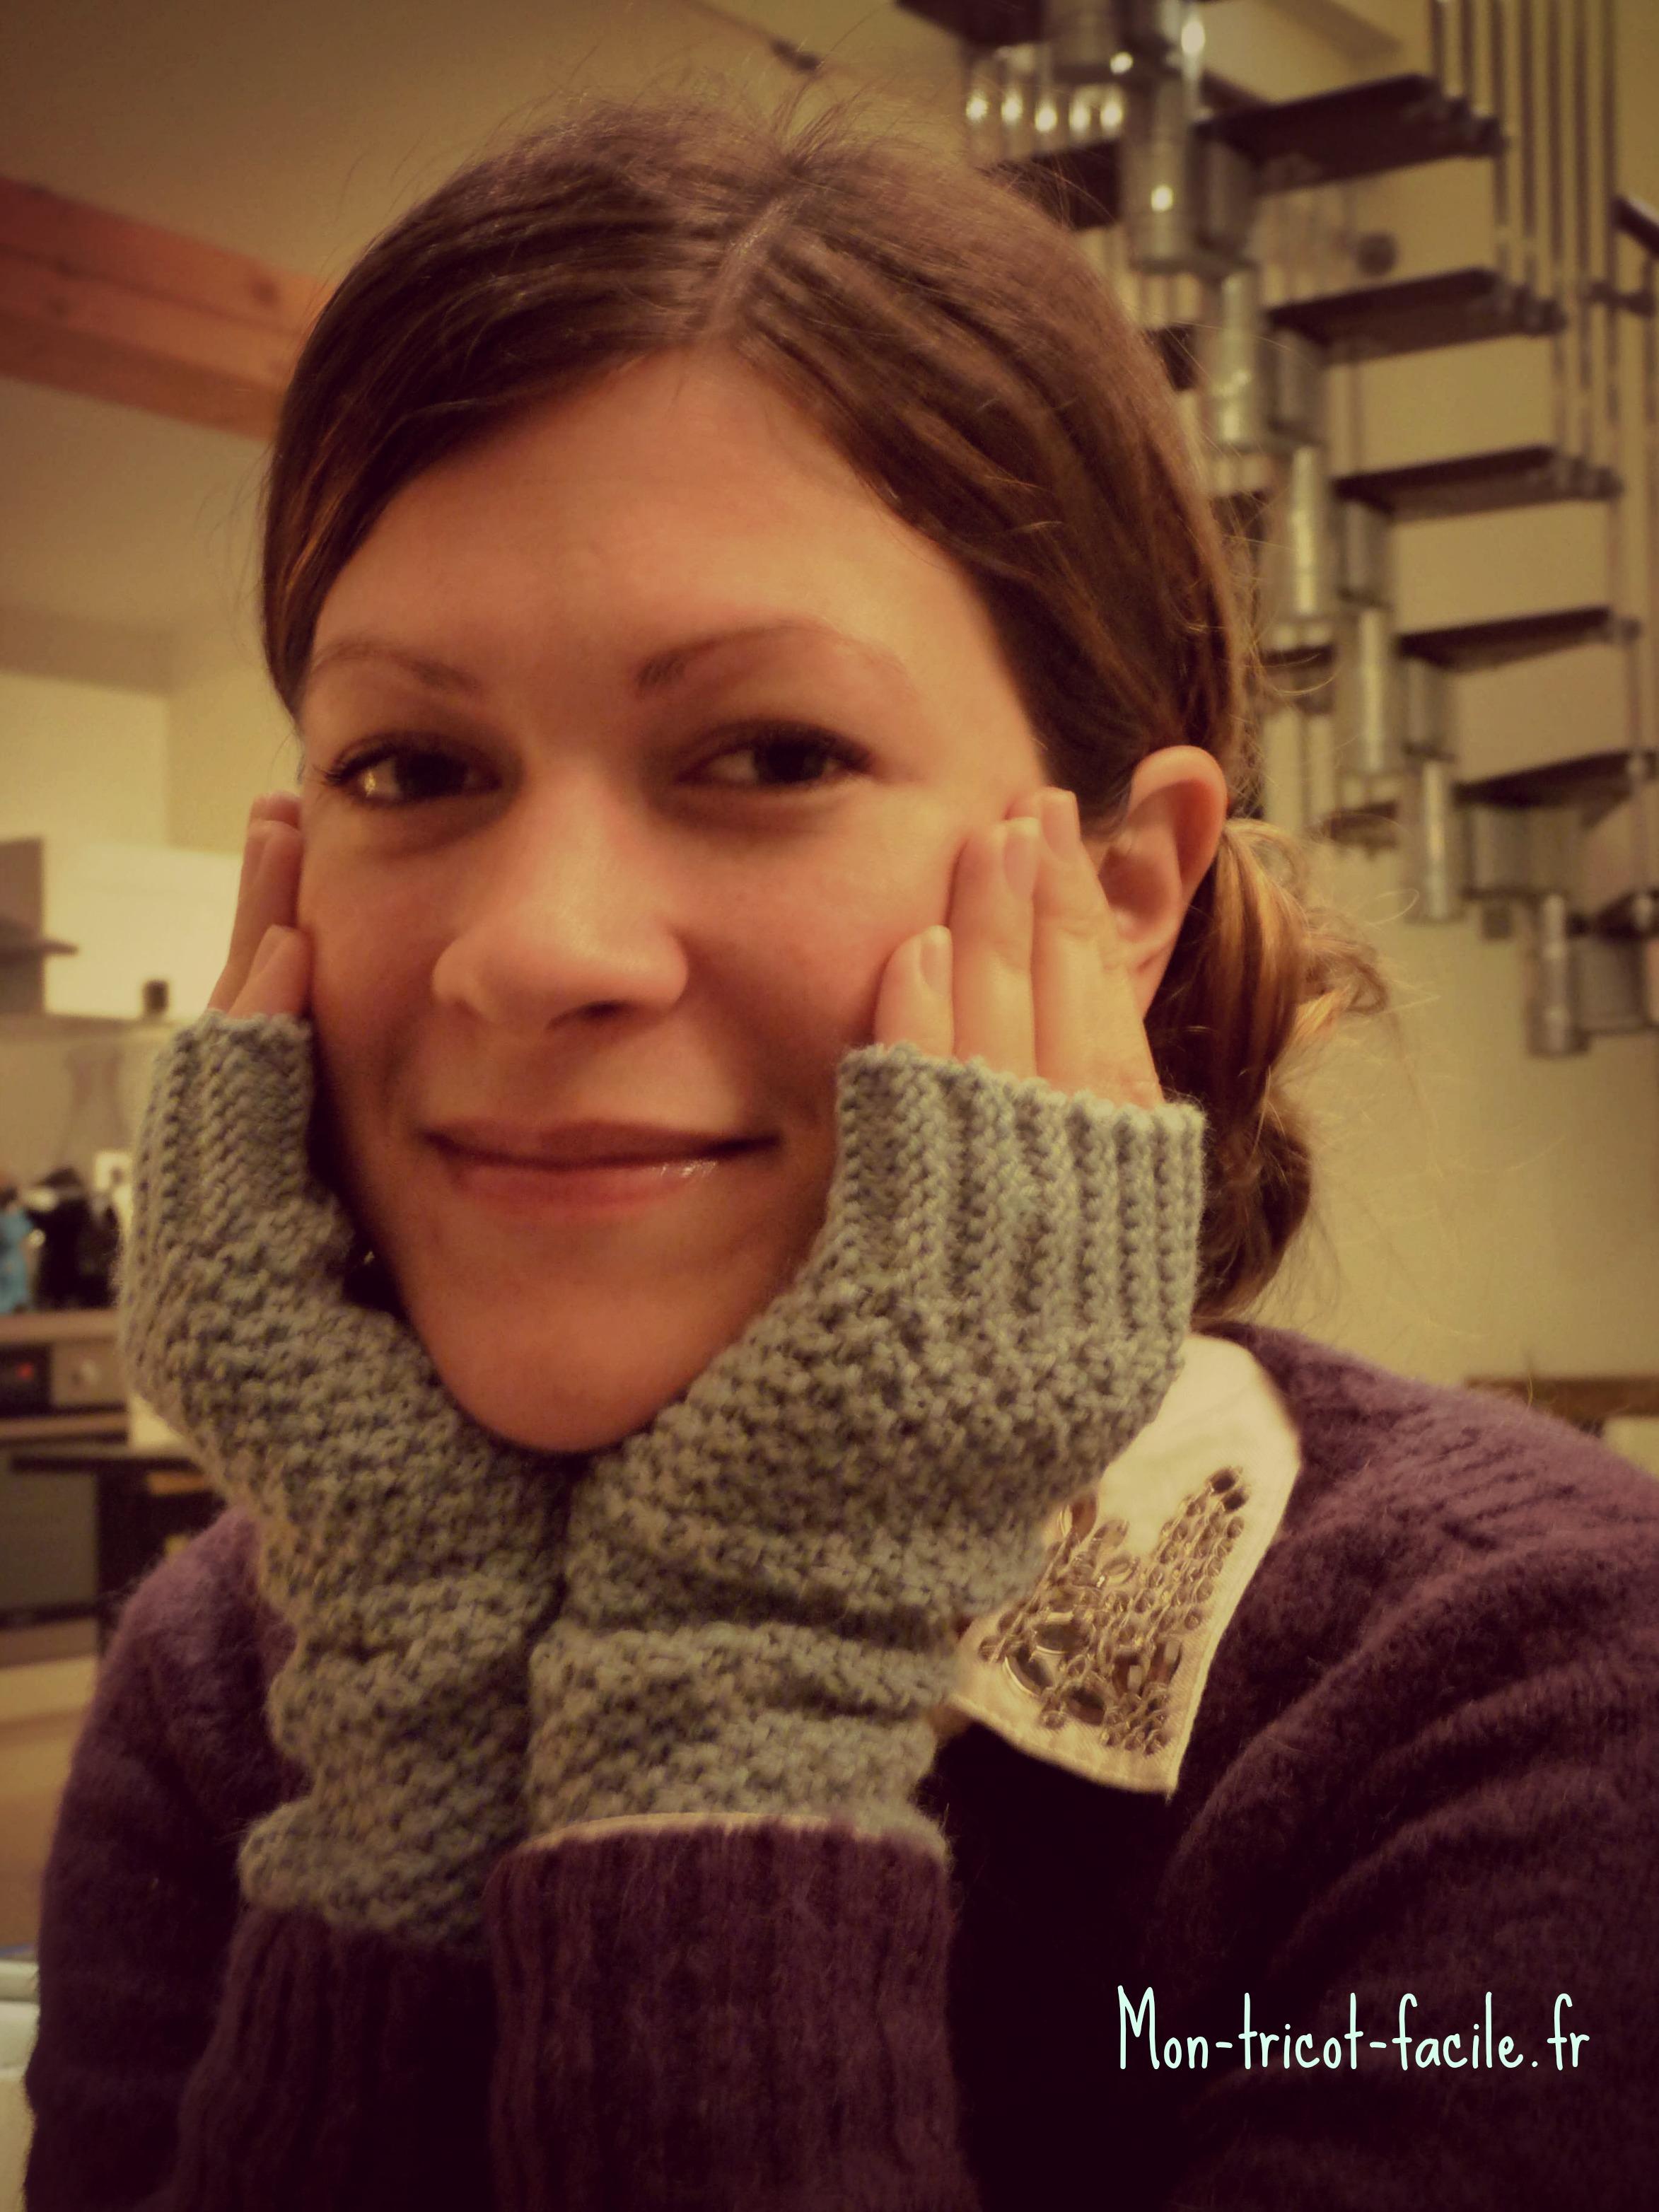 Tricoter des mitaines c 39 est de saison - Tricoter des mitaines facile ...